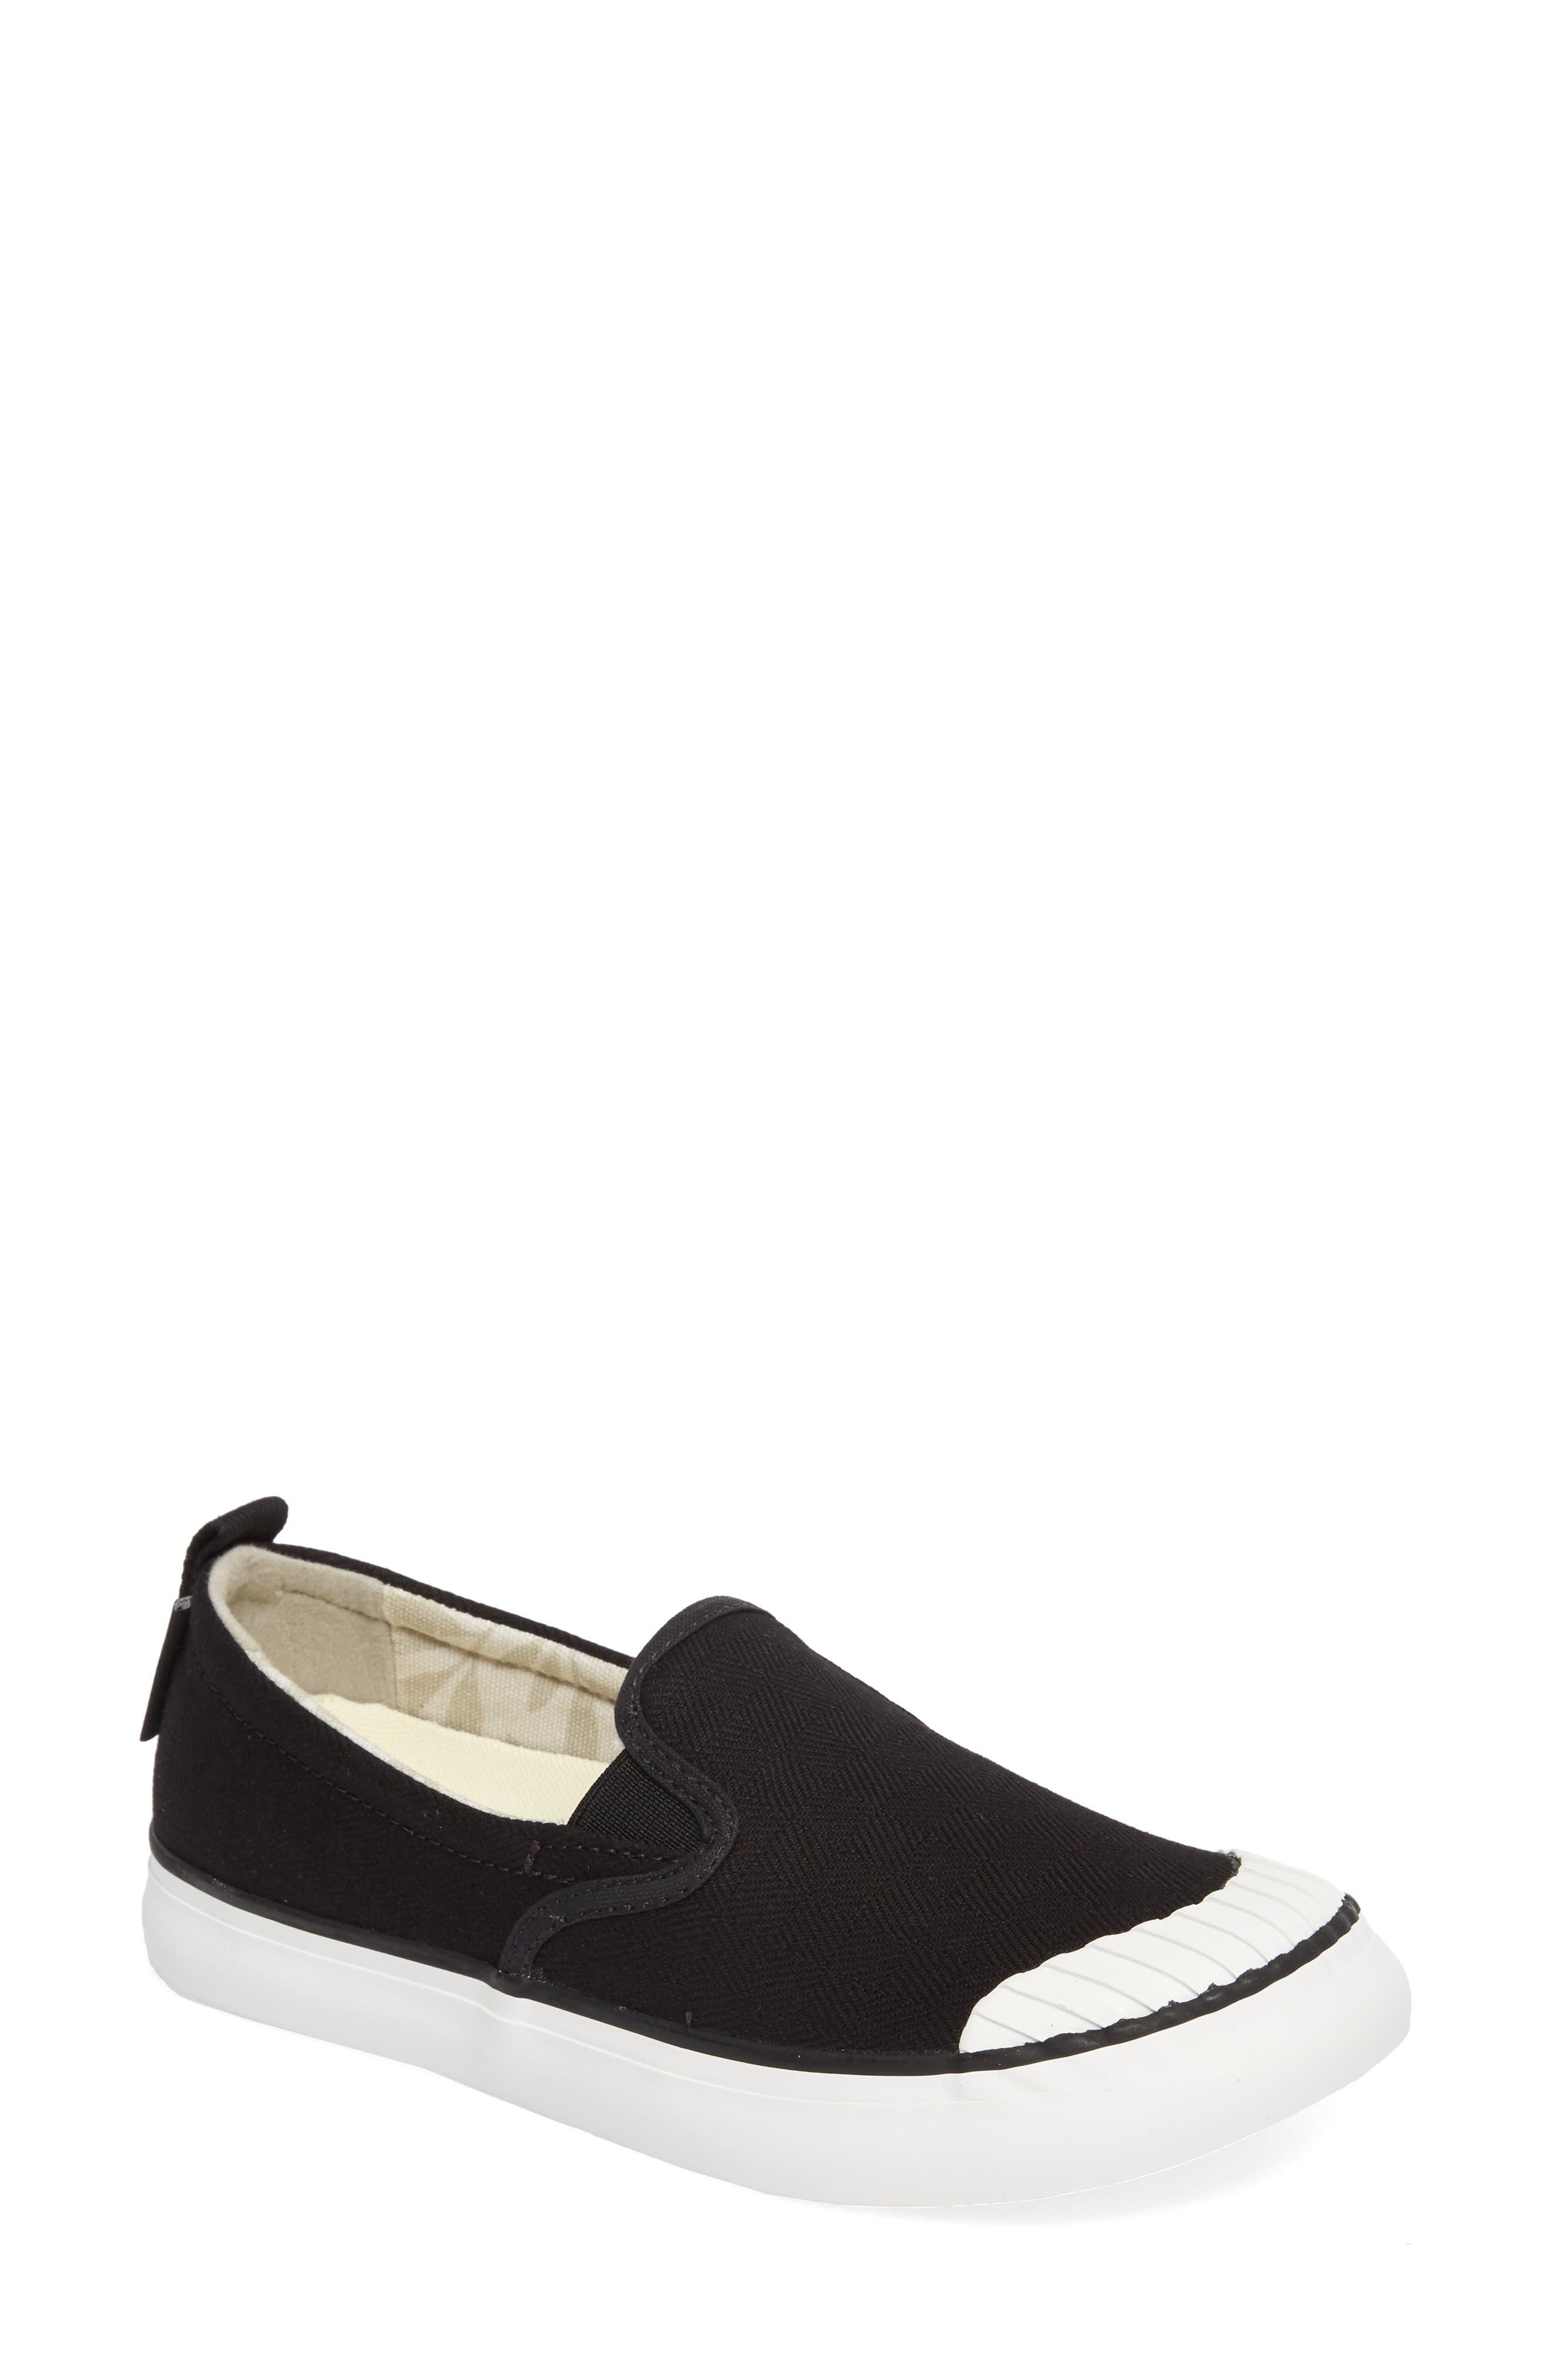 KEEN Elsa Slip-On Sneaker, Main, color, BLACK/ STAR WHITE